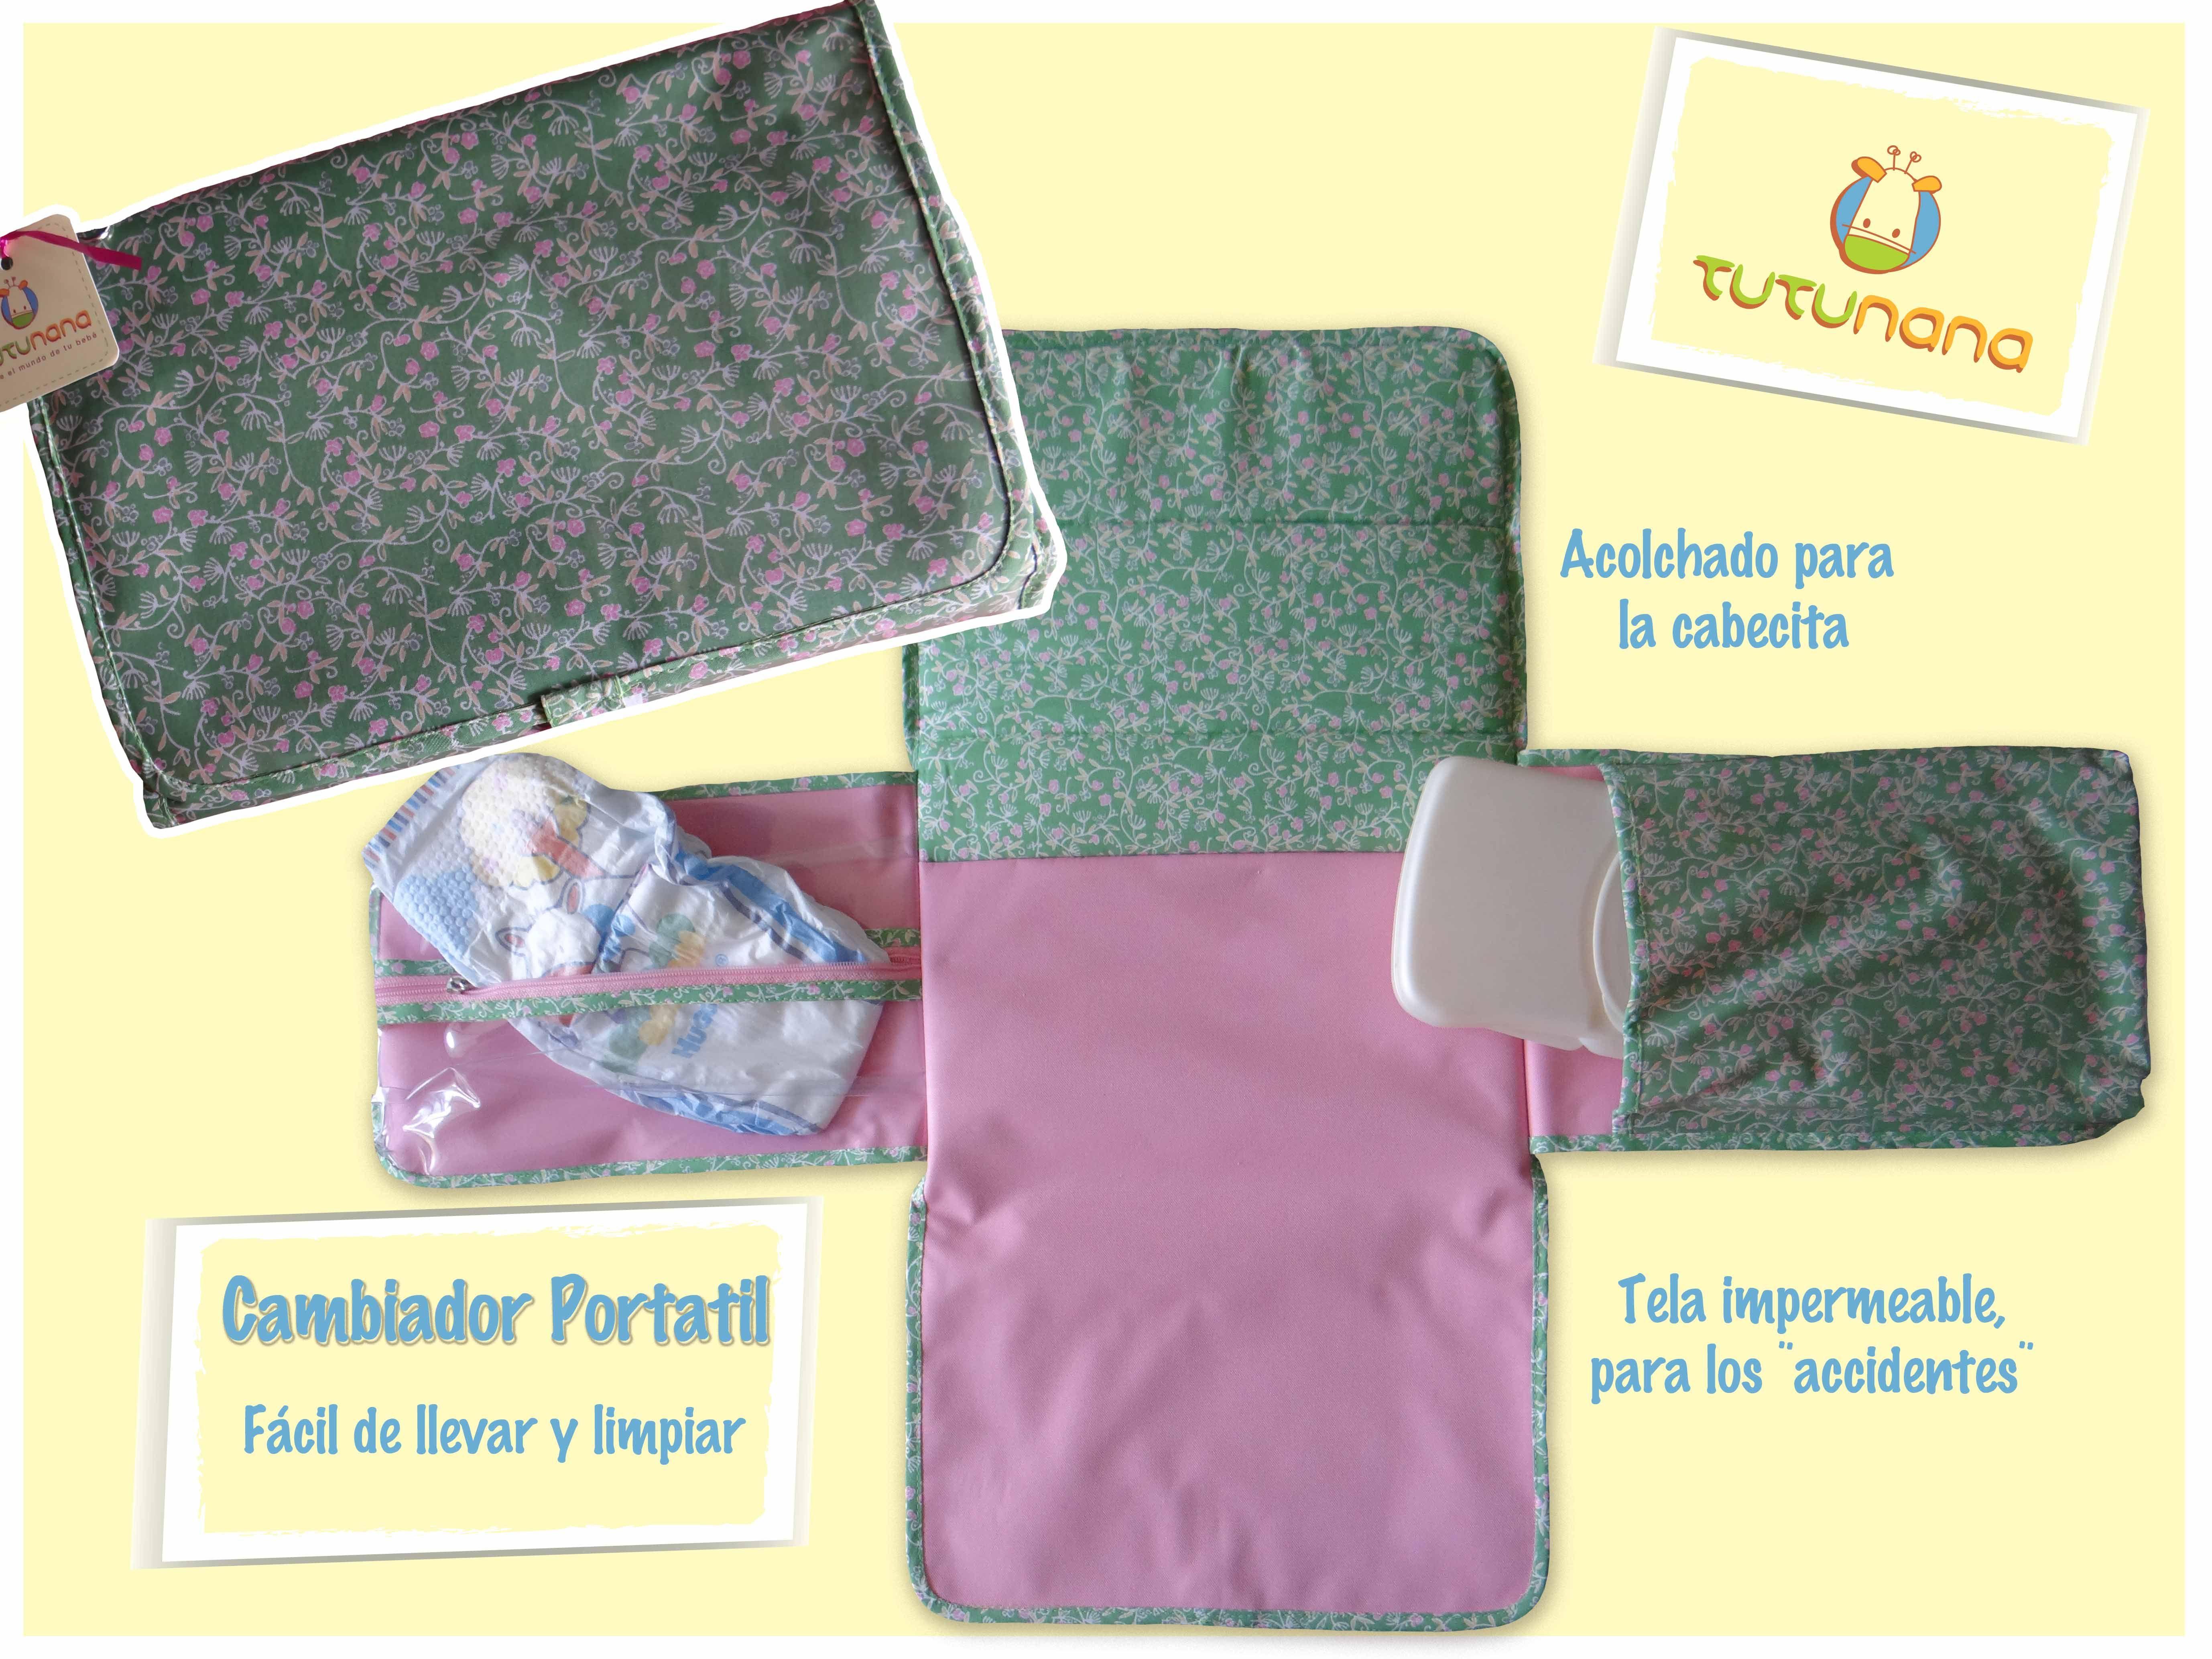 Lo que toda mama debe tener en su cartera, Cambiador Portátil para Bebe,  www.facebook.com/tutunanabebe